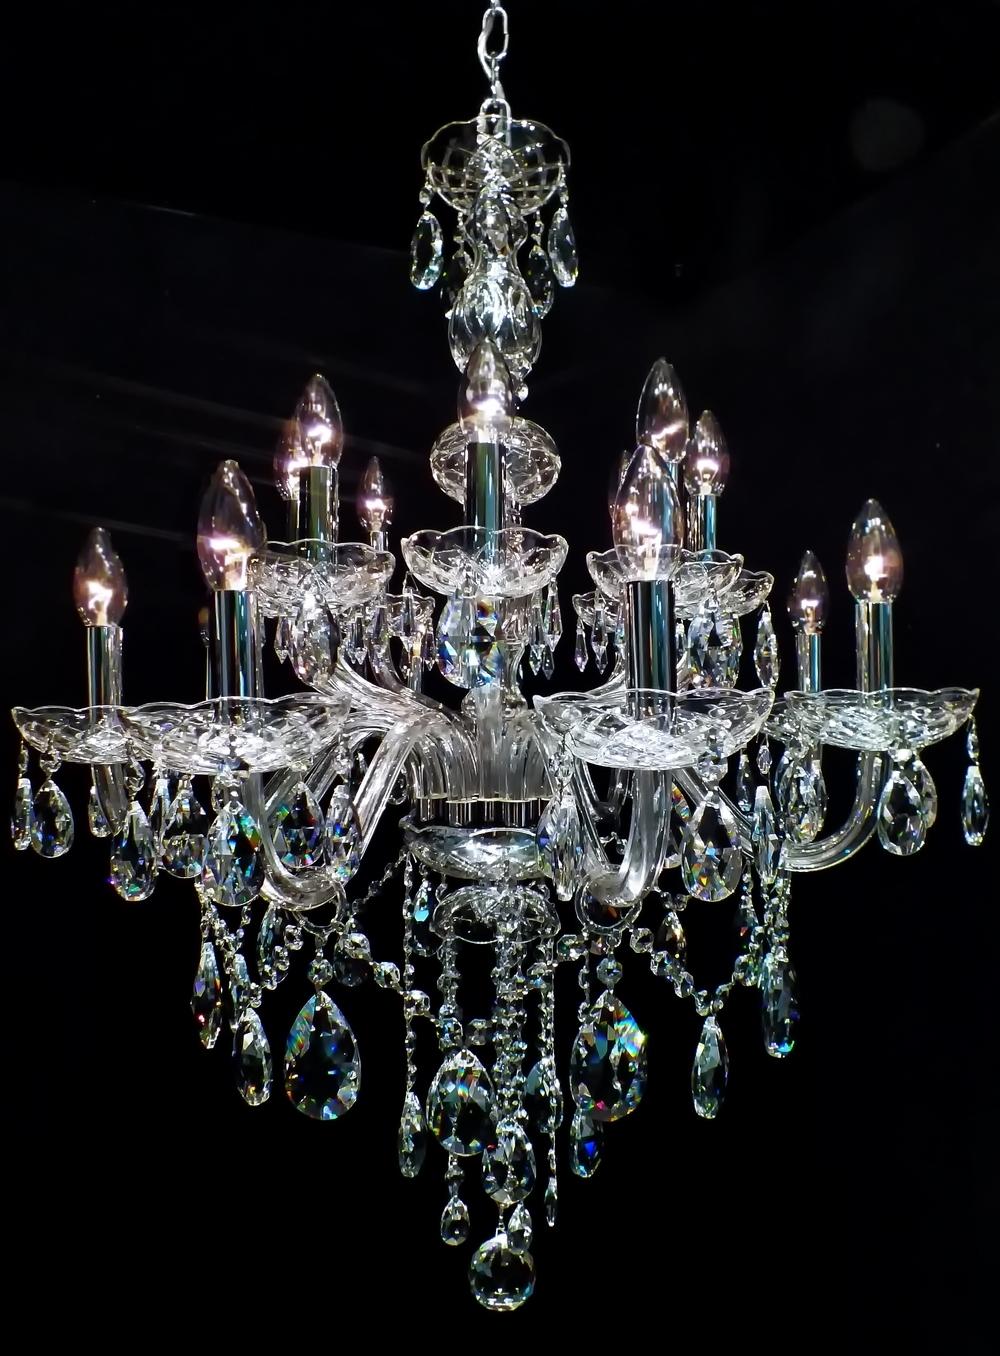 Chandelier #crystal Lustre Toledo 16 Braços (08 + 08) (View 2 of 15)